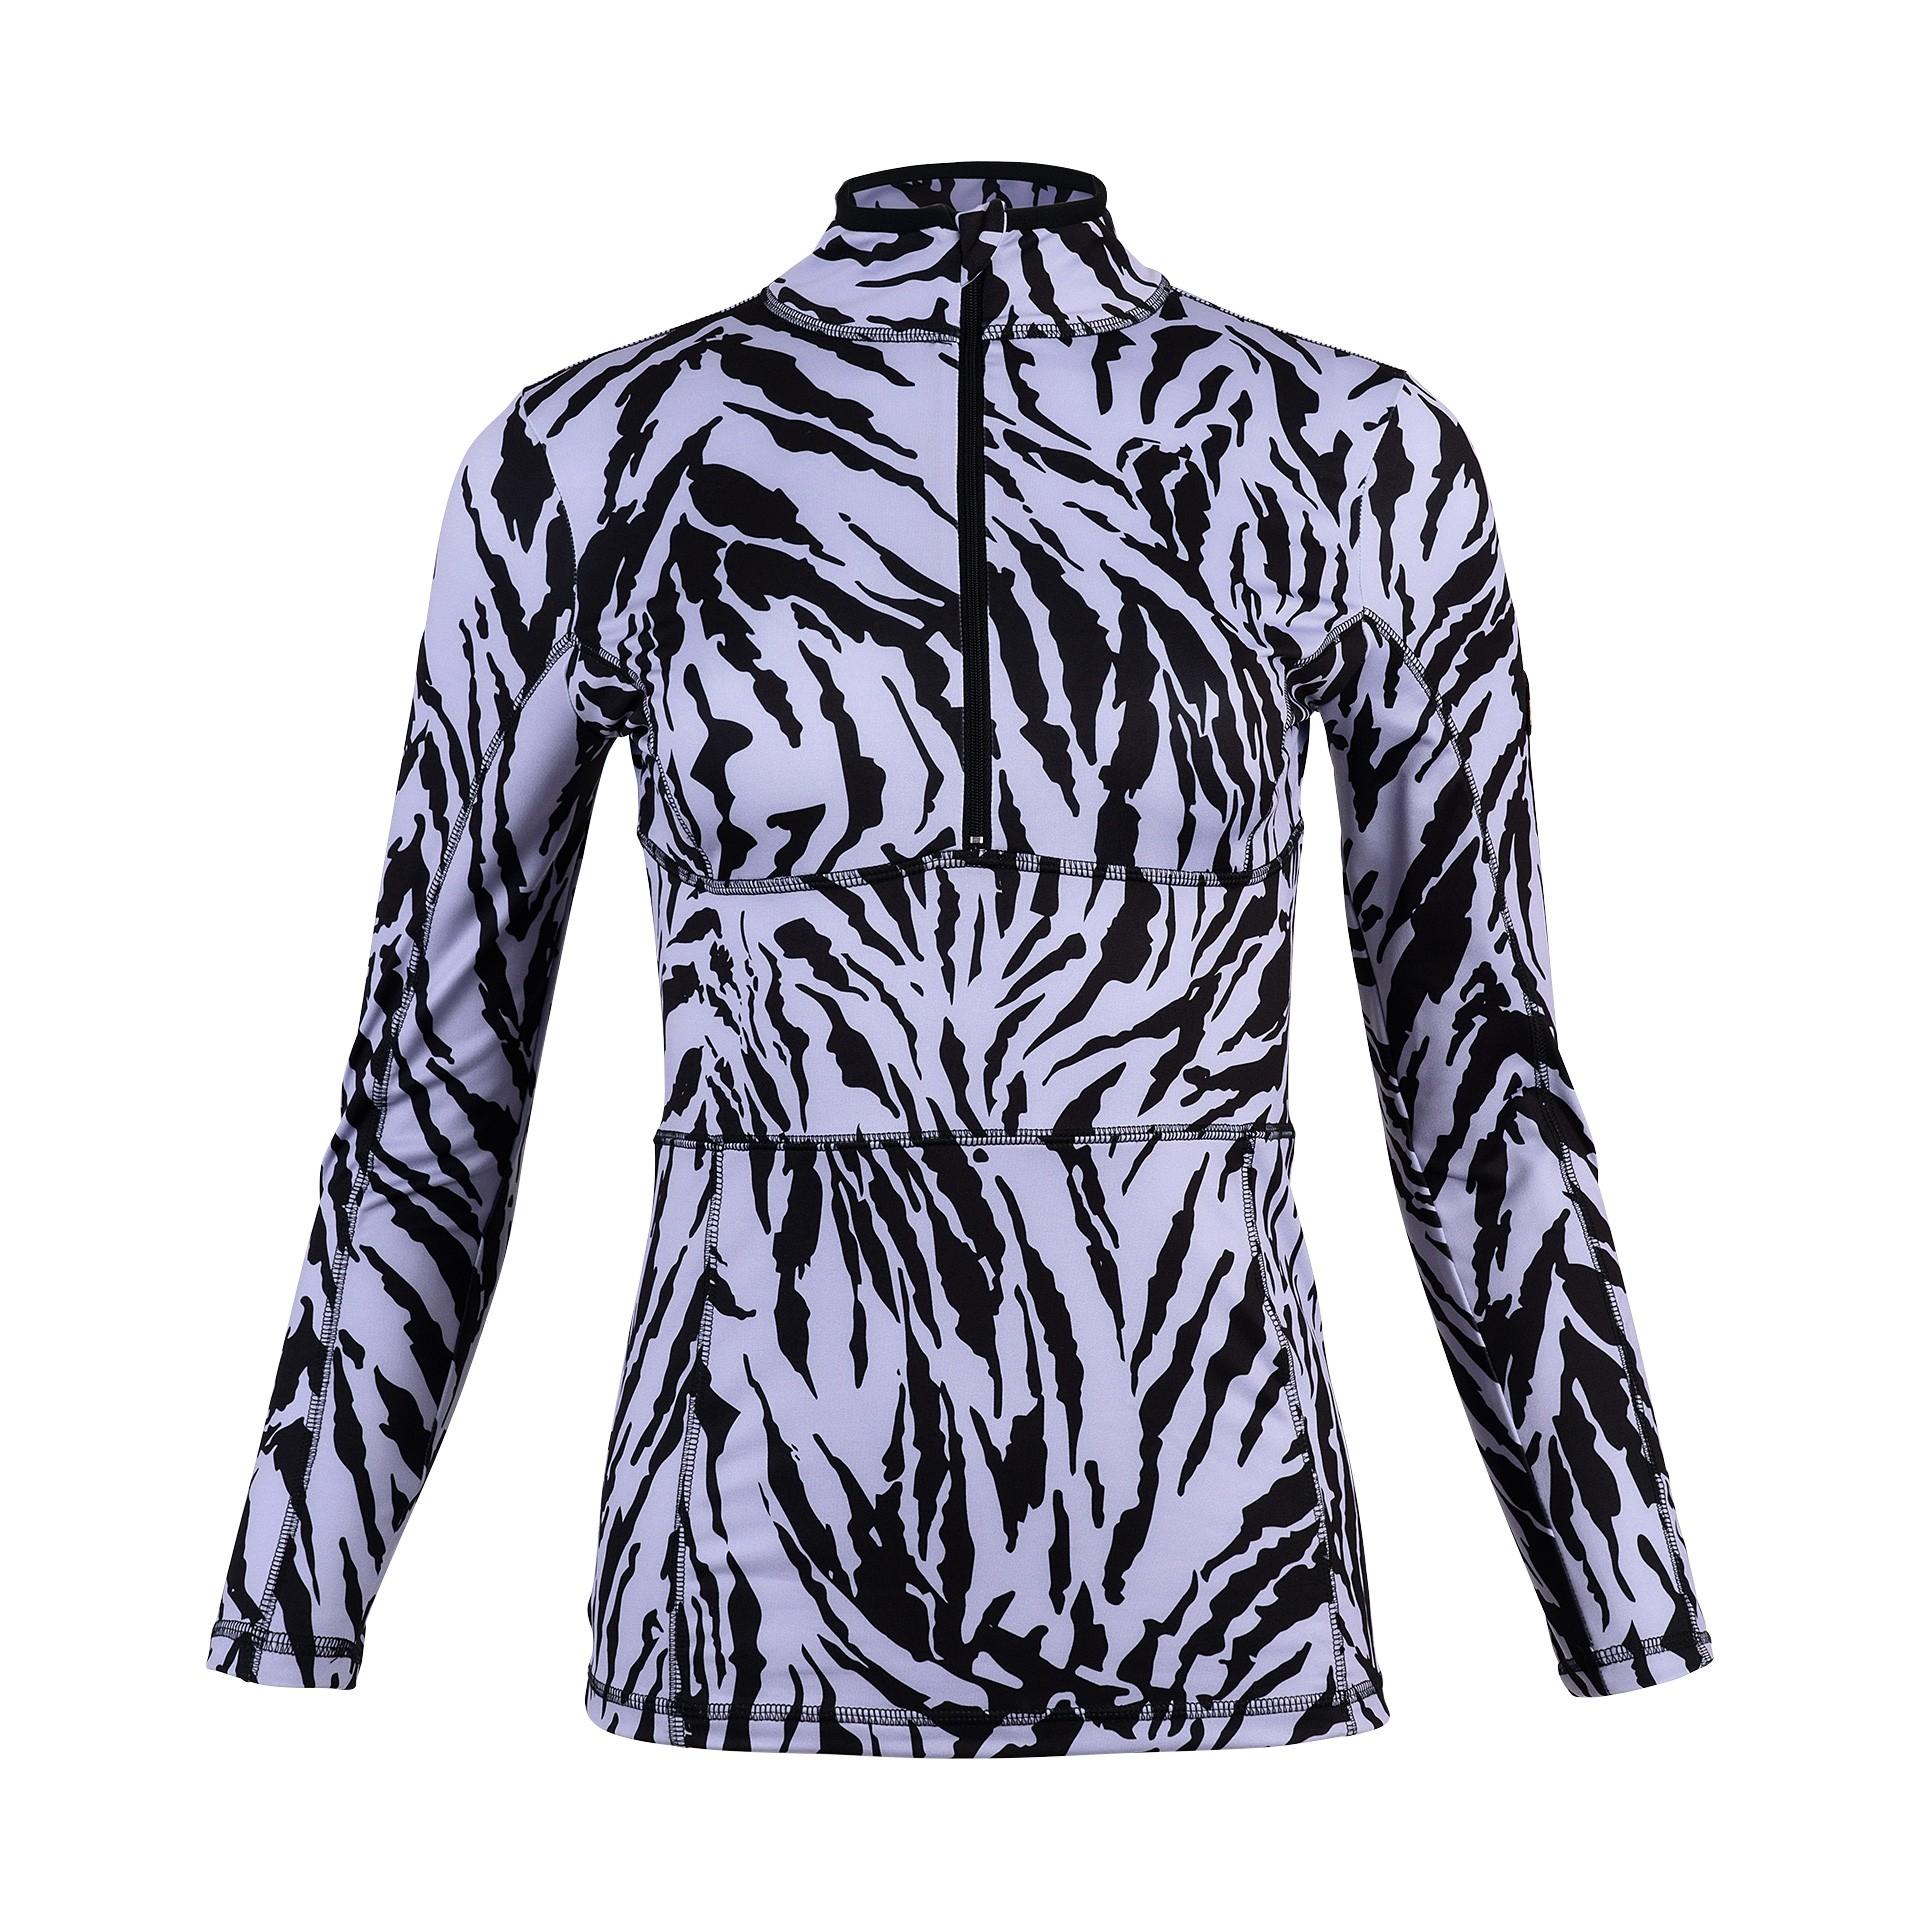 Jet Set Damen Skiunterwäsche Ginger Print - Tiger Thistle